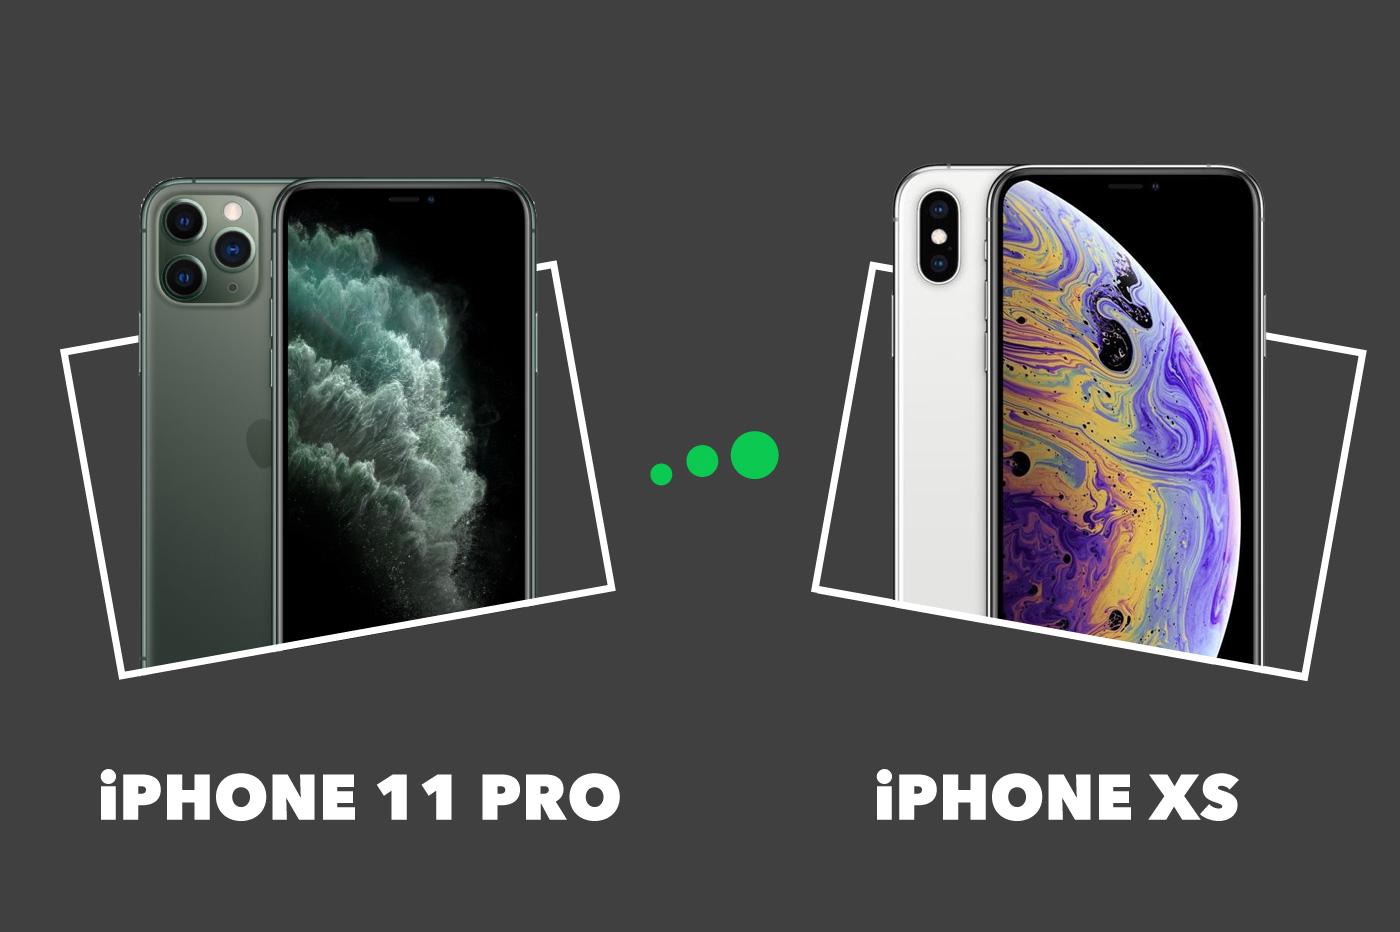 foto de iPhone 11 Pro vs iPhone XS : comparatif complet et différences